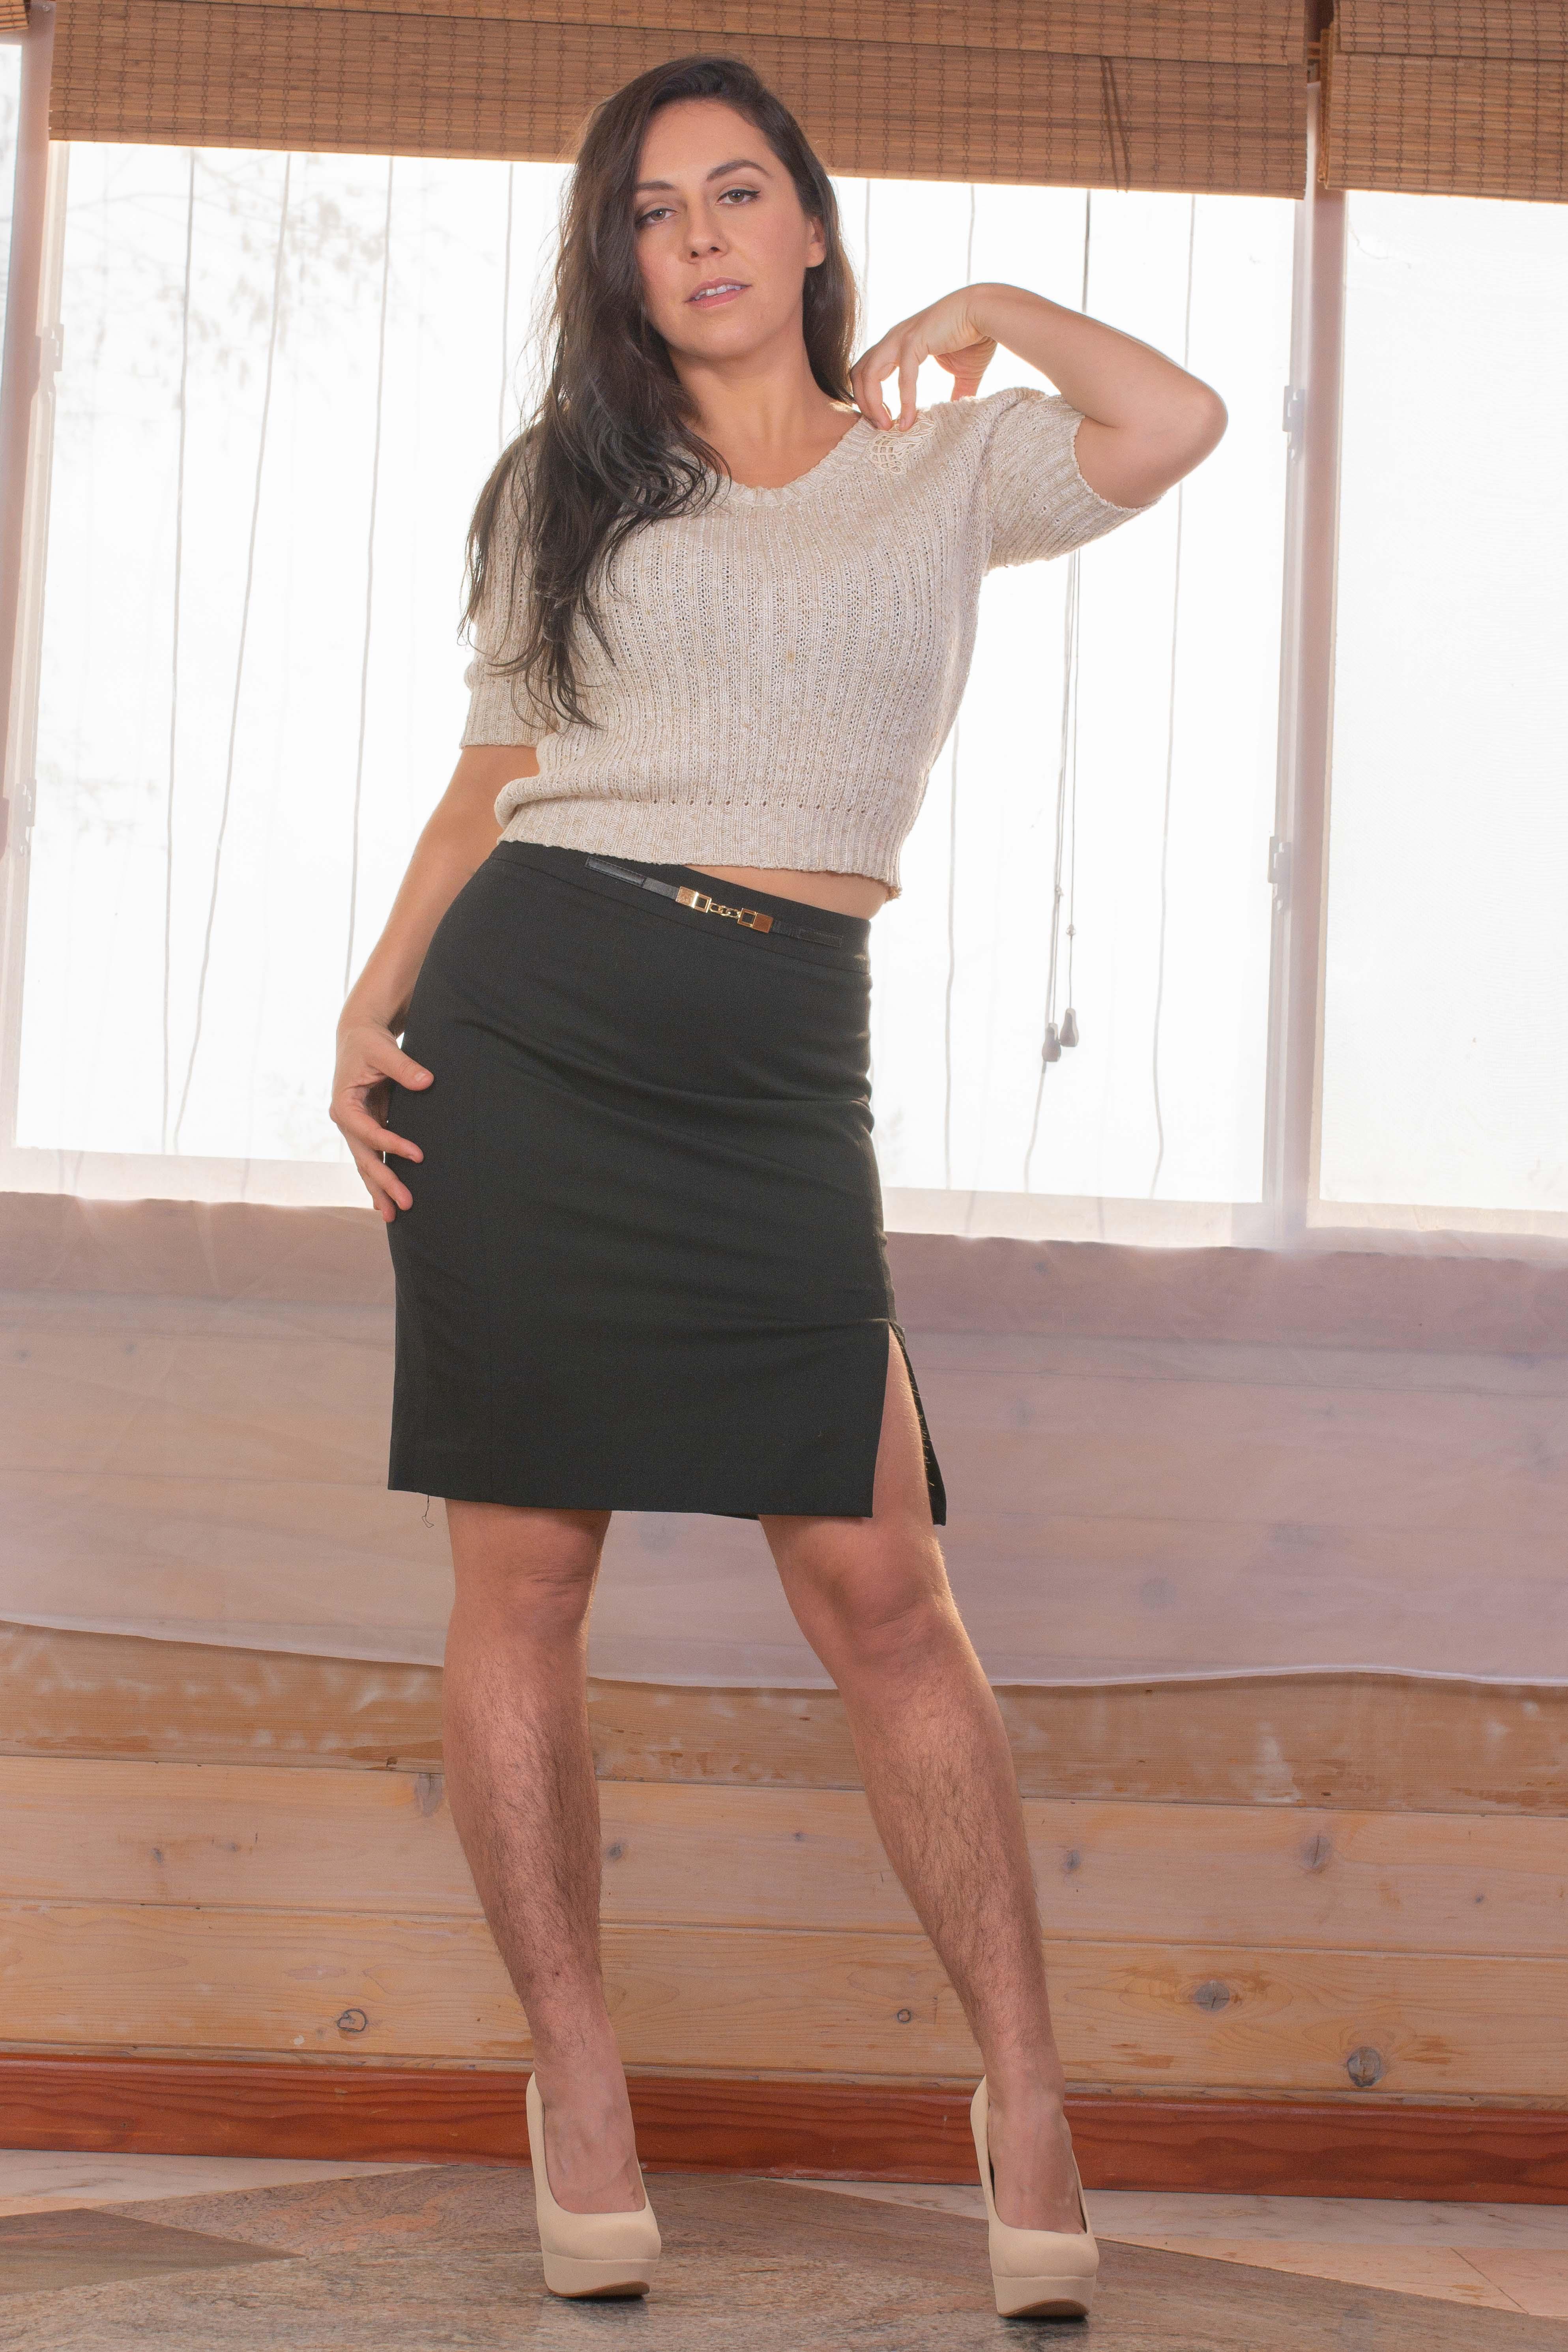 Nikki_Secretary_Escort2